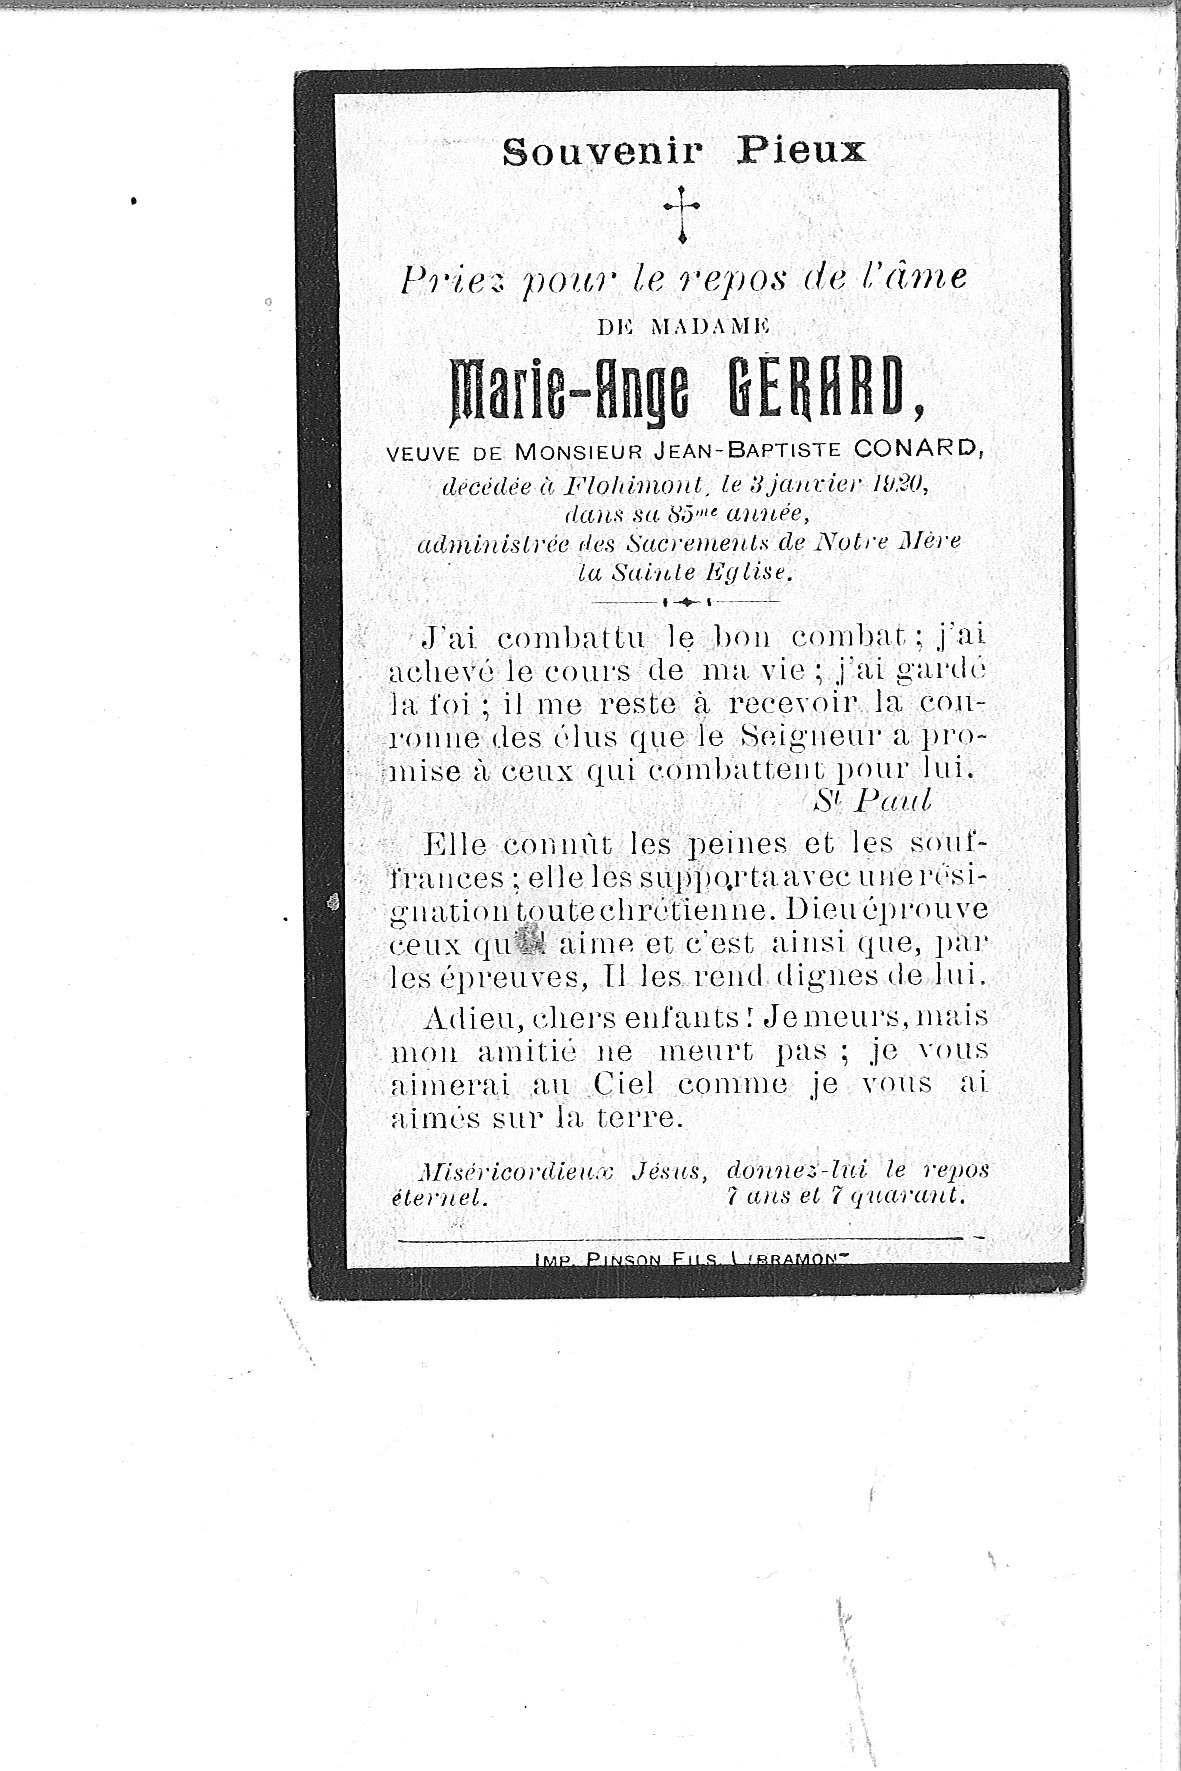 Marie - Ange (1920).jpg